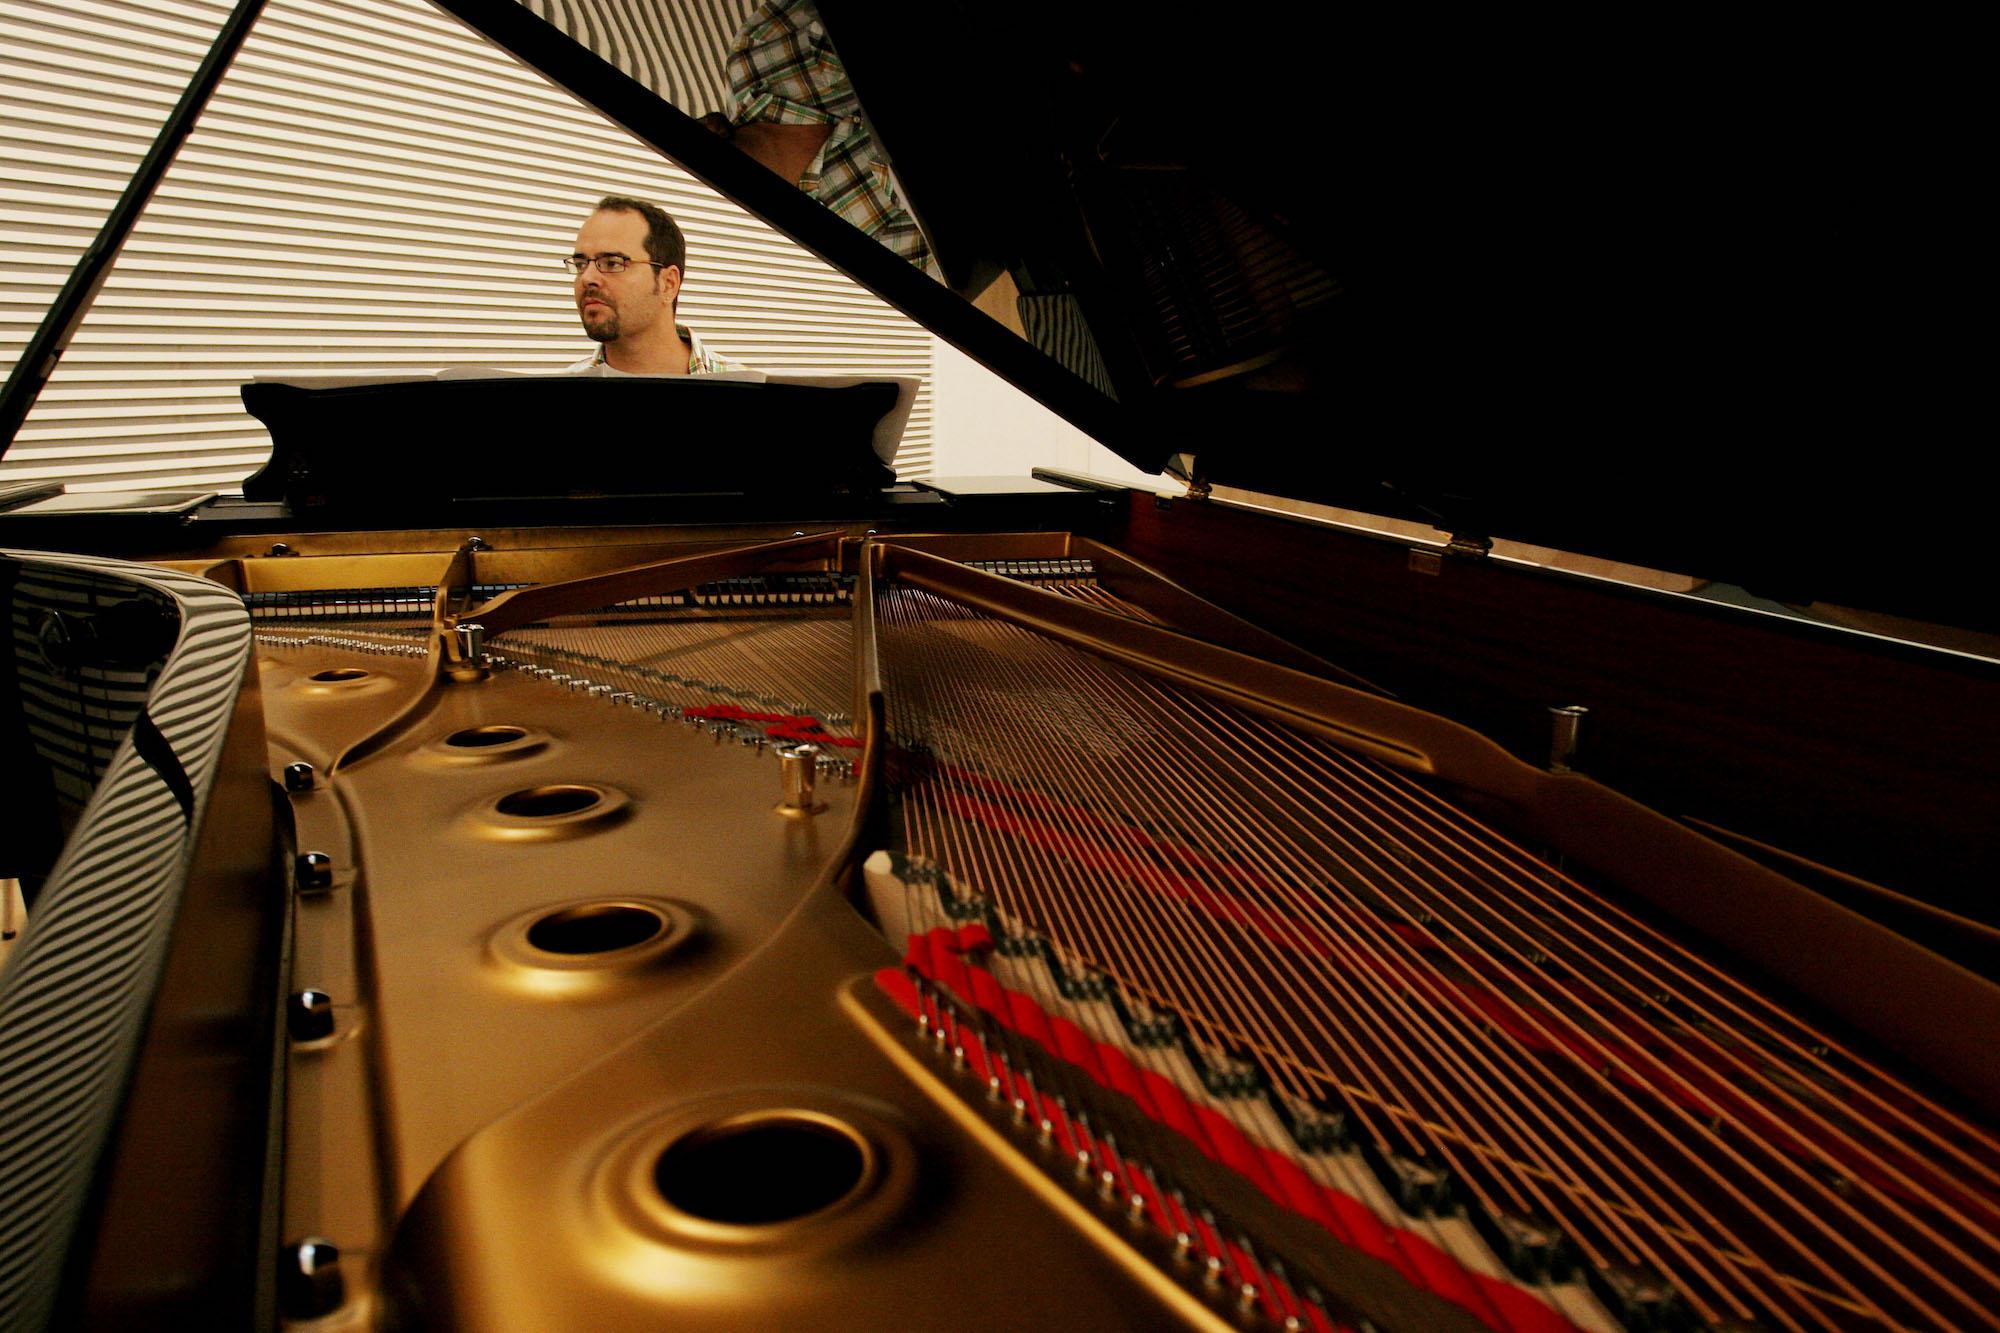 El pianista Polo Ortí regresa a Las Palmas de Gran Canaria con el ciclo 'Jazz otoño'